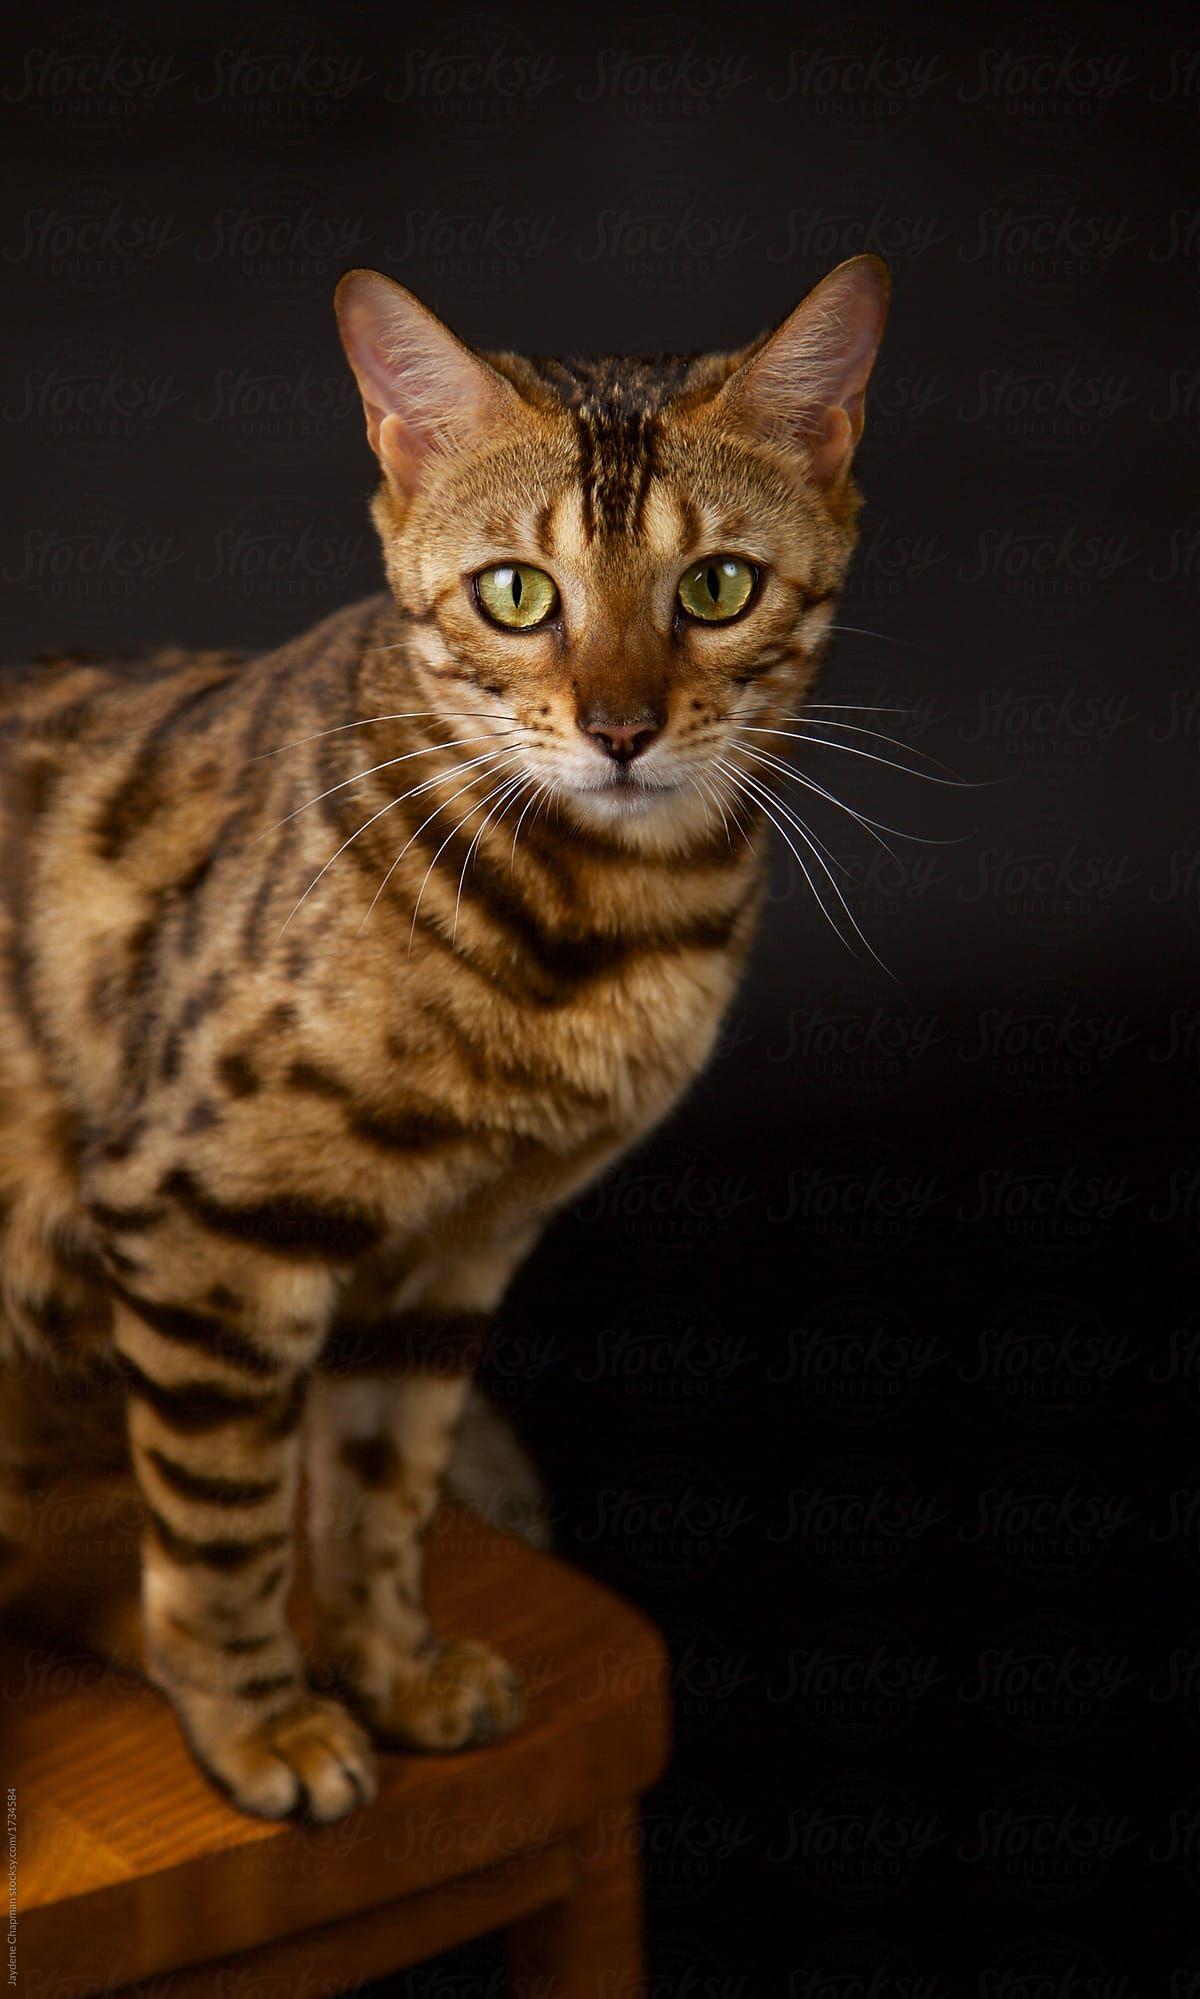 bengal cat bengal cat kitten bengal cat facts bengal